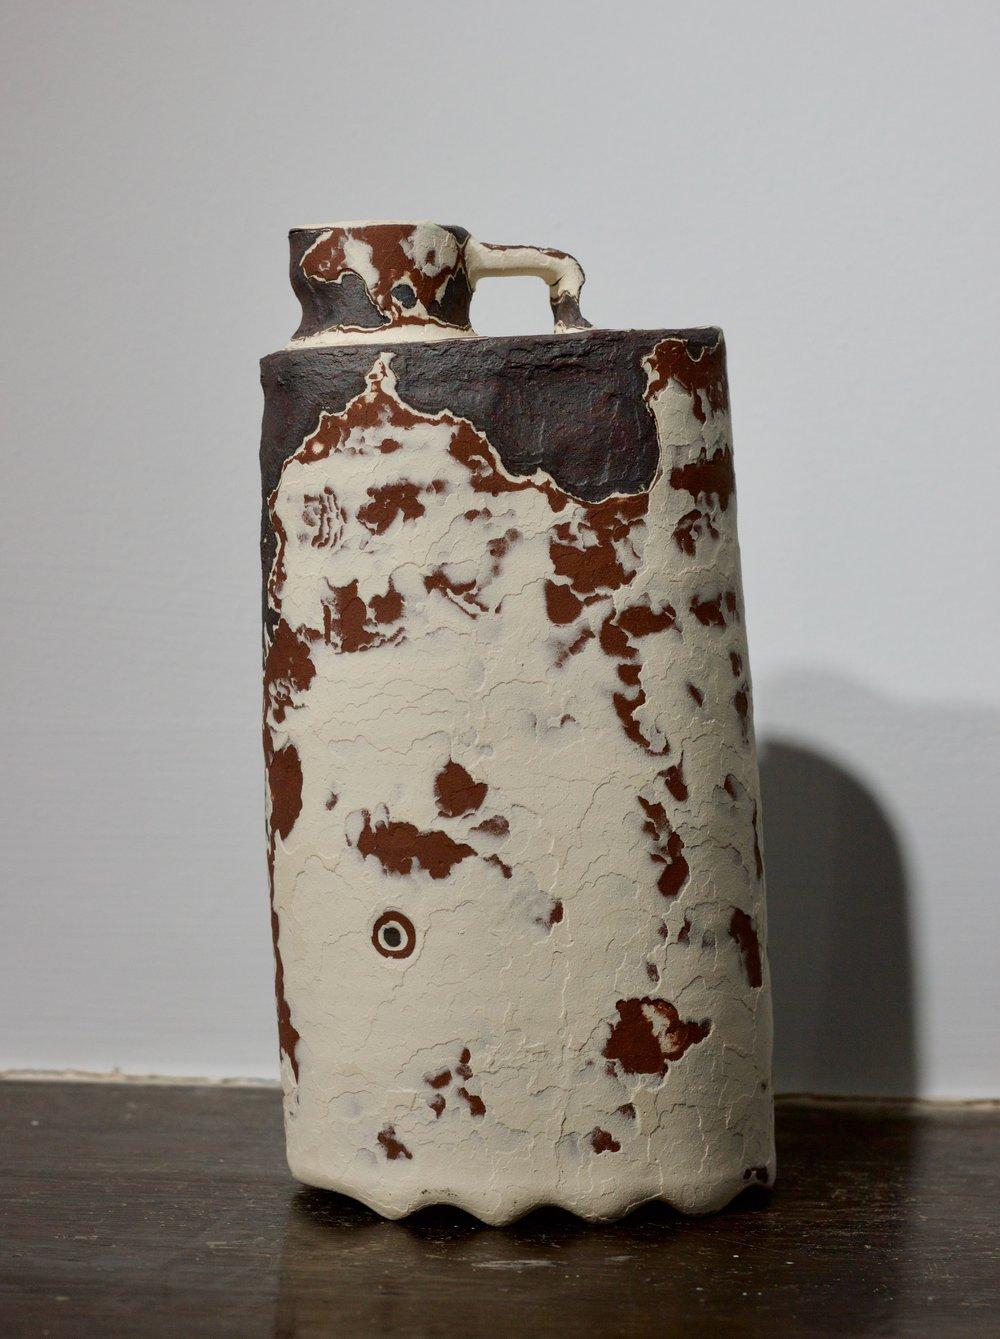 James Faulkner - White Bottle Vase